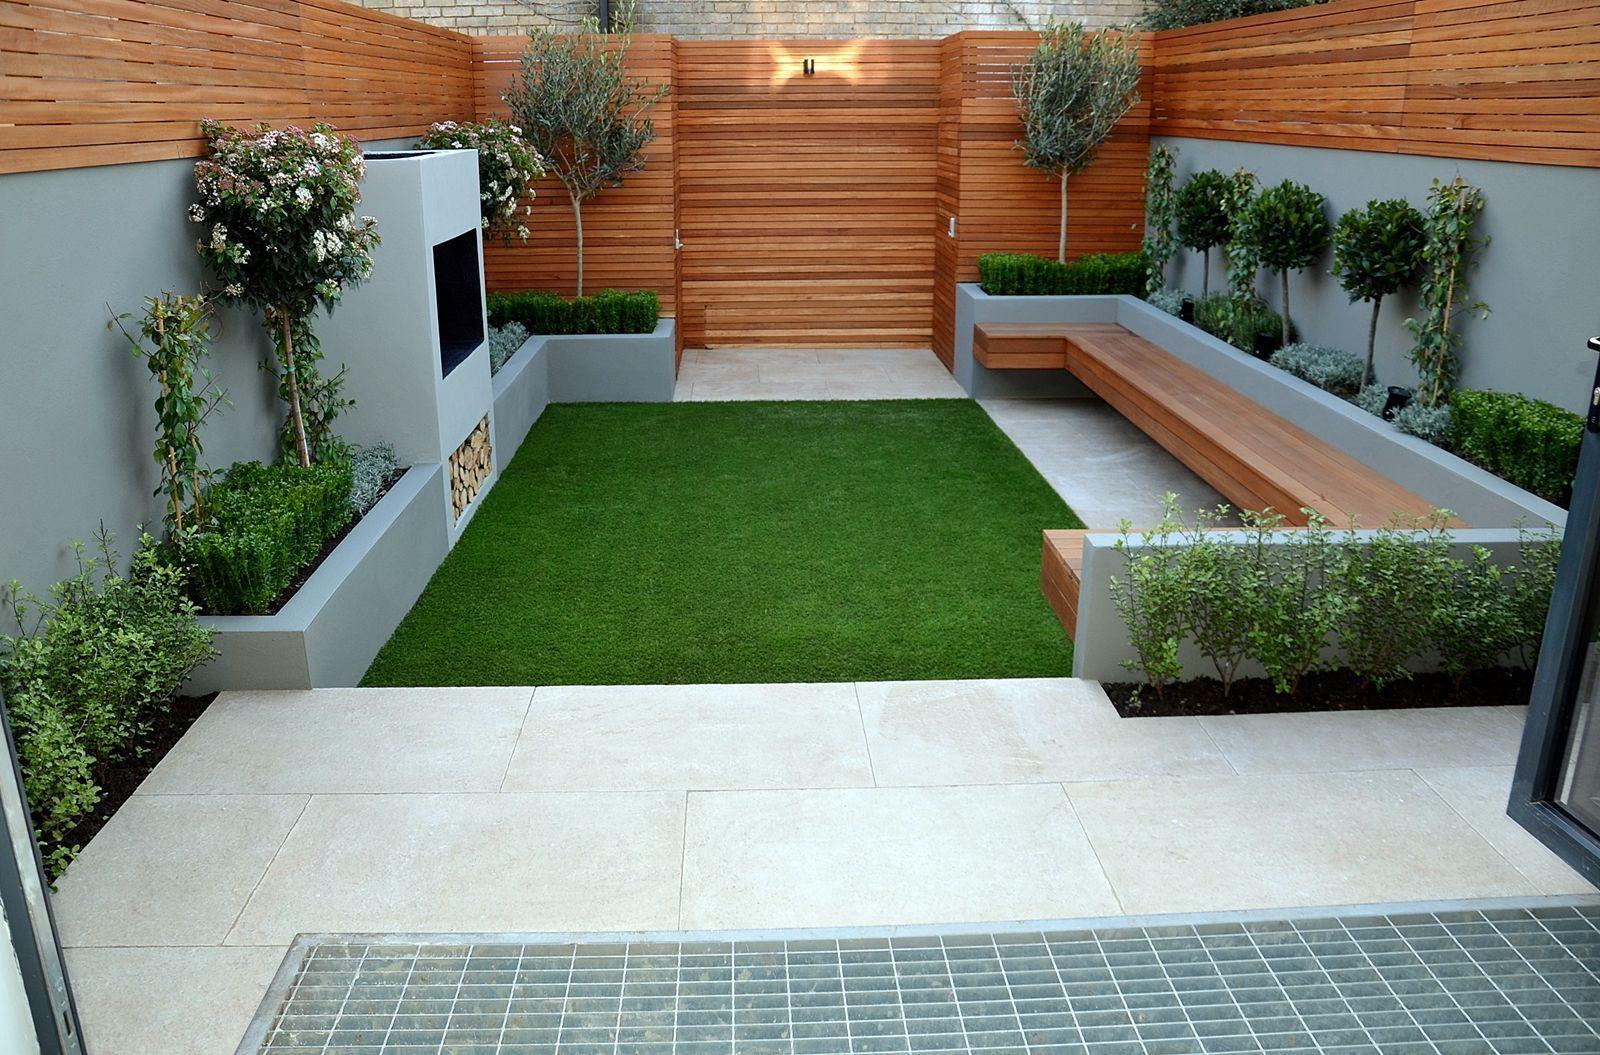 10 Modern Garden Design Ideas, Awesome as well as Stunning